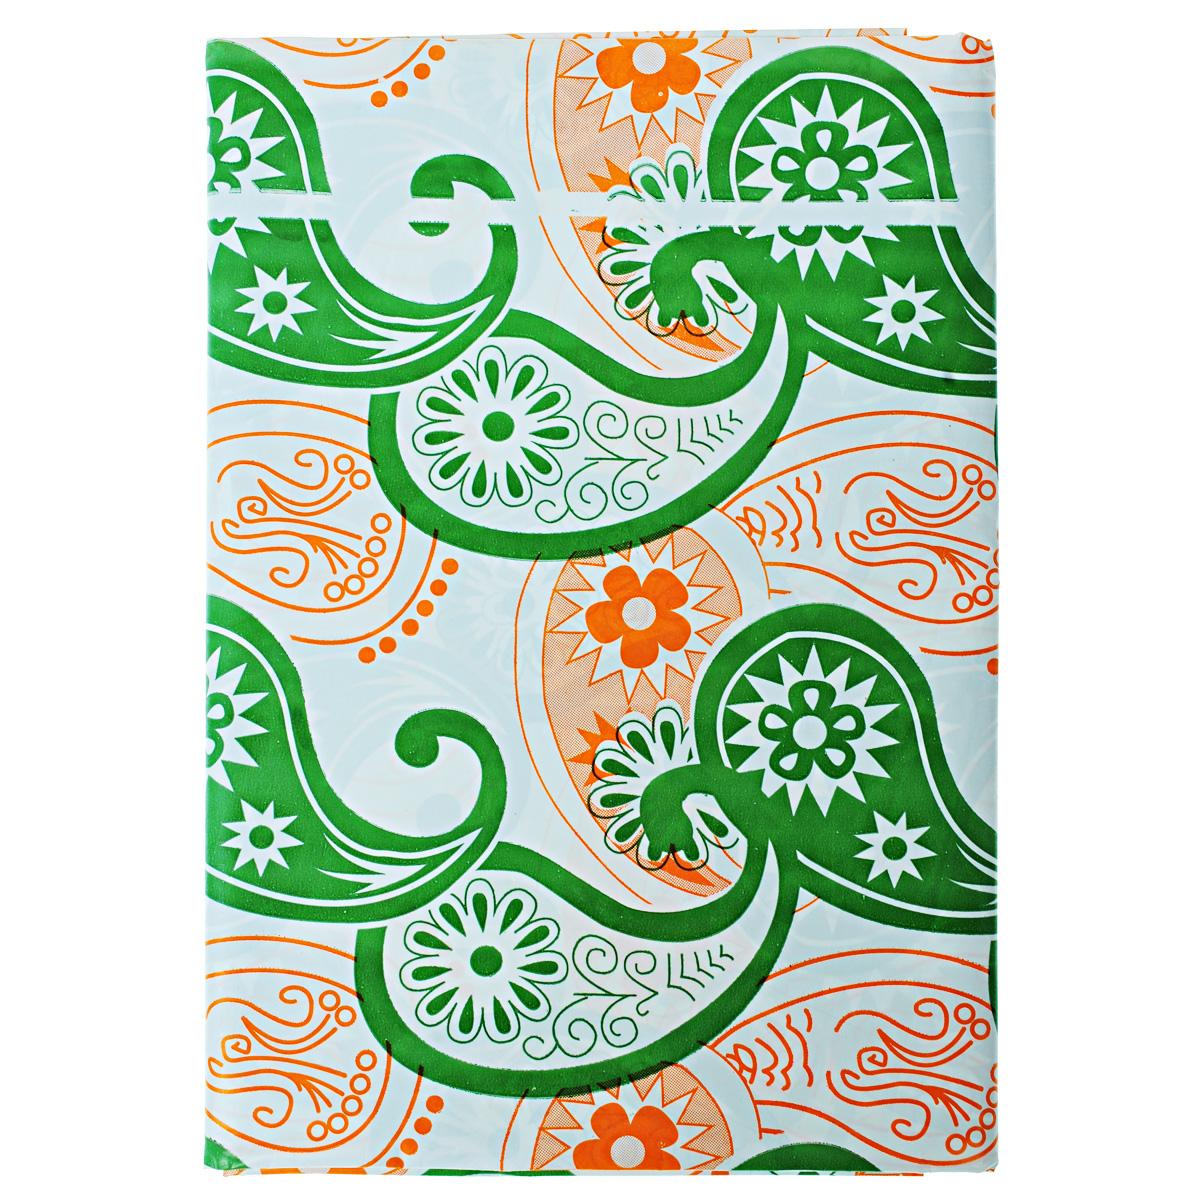 Скатерть Boyscout, прямоугольная, цвет: зеленый, оранжевый, 110 x 150 см61708Прямоугольная скатерть Boyscout выполнена из полиэстера высокого давления и декорирована красивыми узорами. Такая скатерть идеально подойдет для пикников и отдыха на природе.